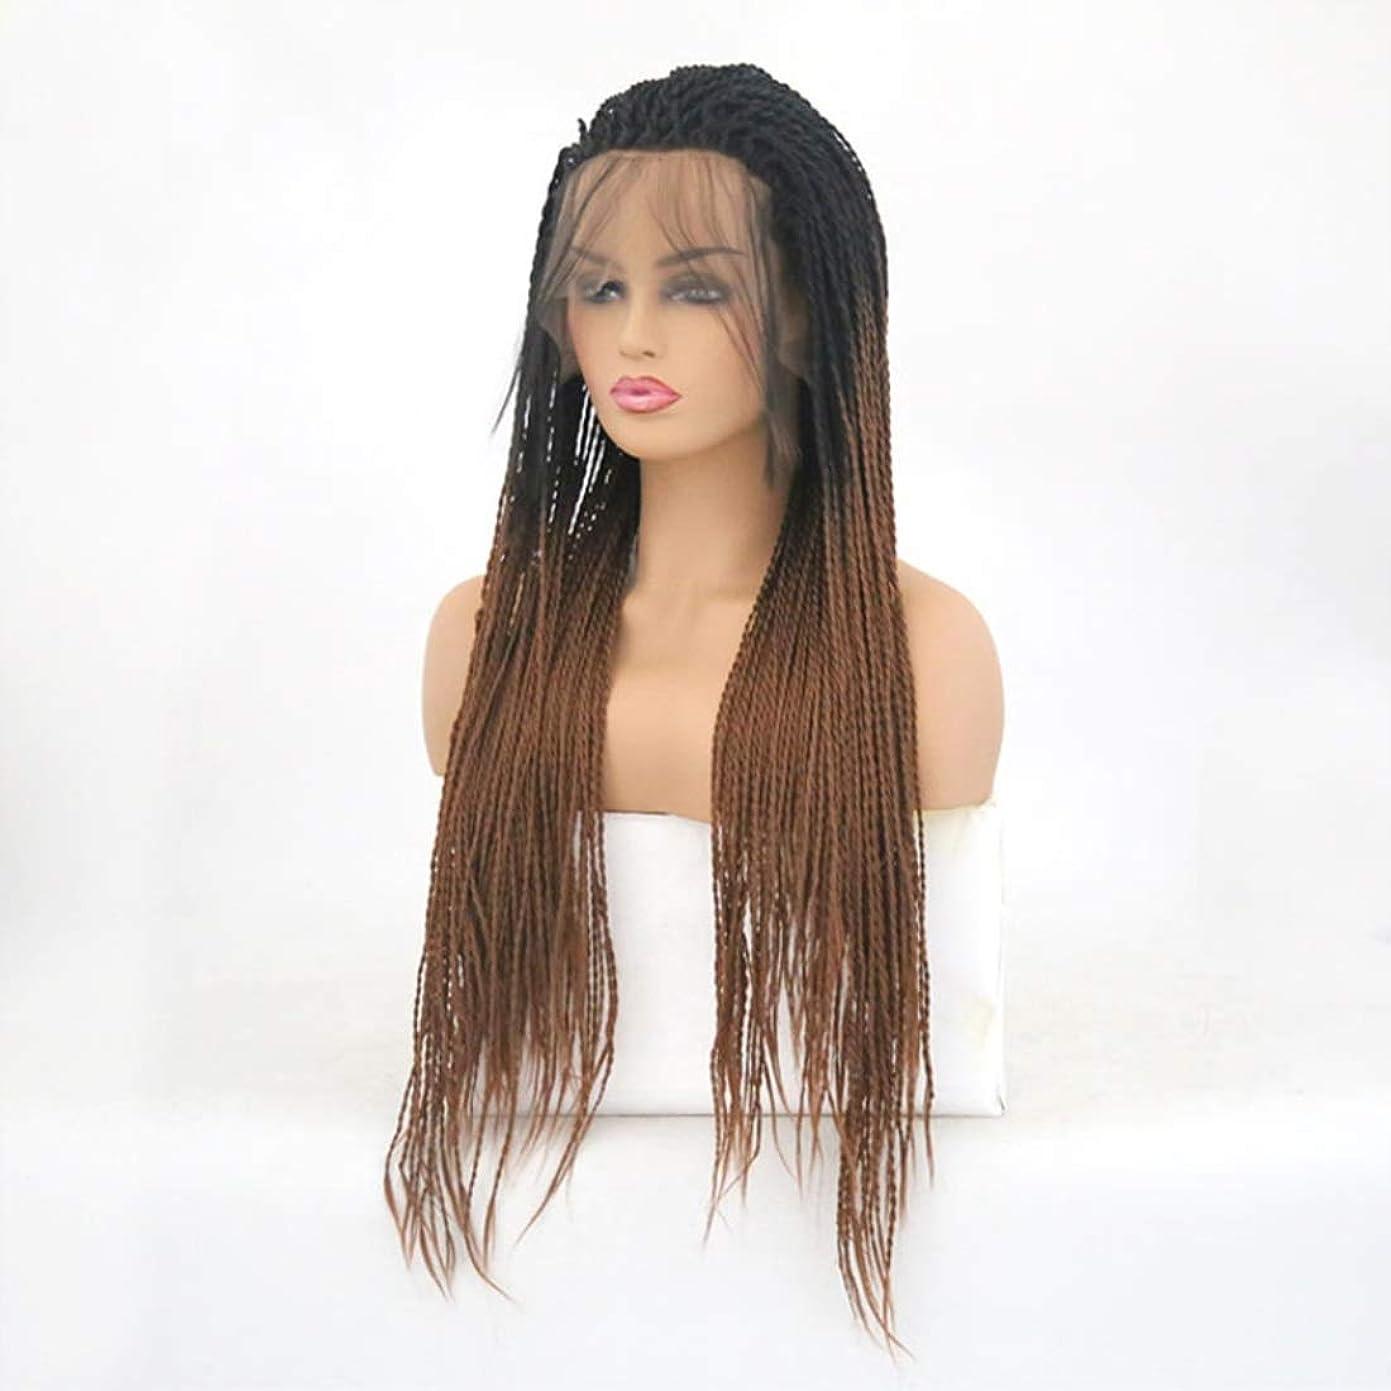 驚いたことにオンス是正Summerys ツイストブレイドかぎ針編みブレイドヘアエクステンション事前ループ女性用高温繊維